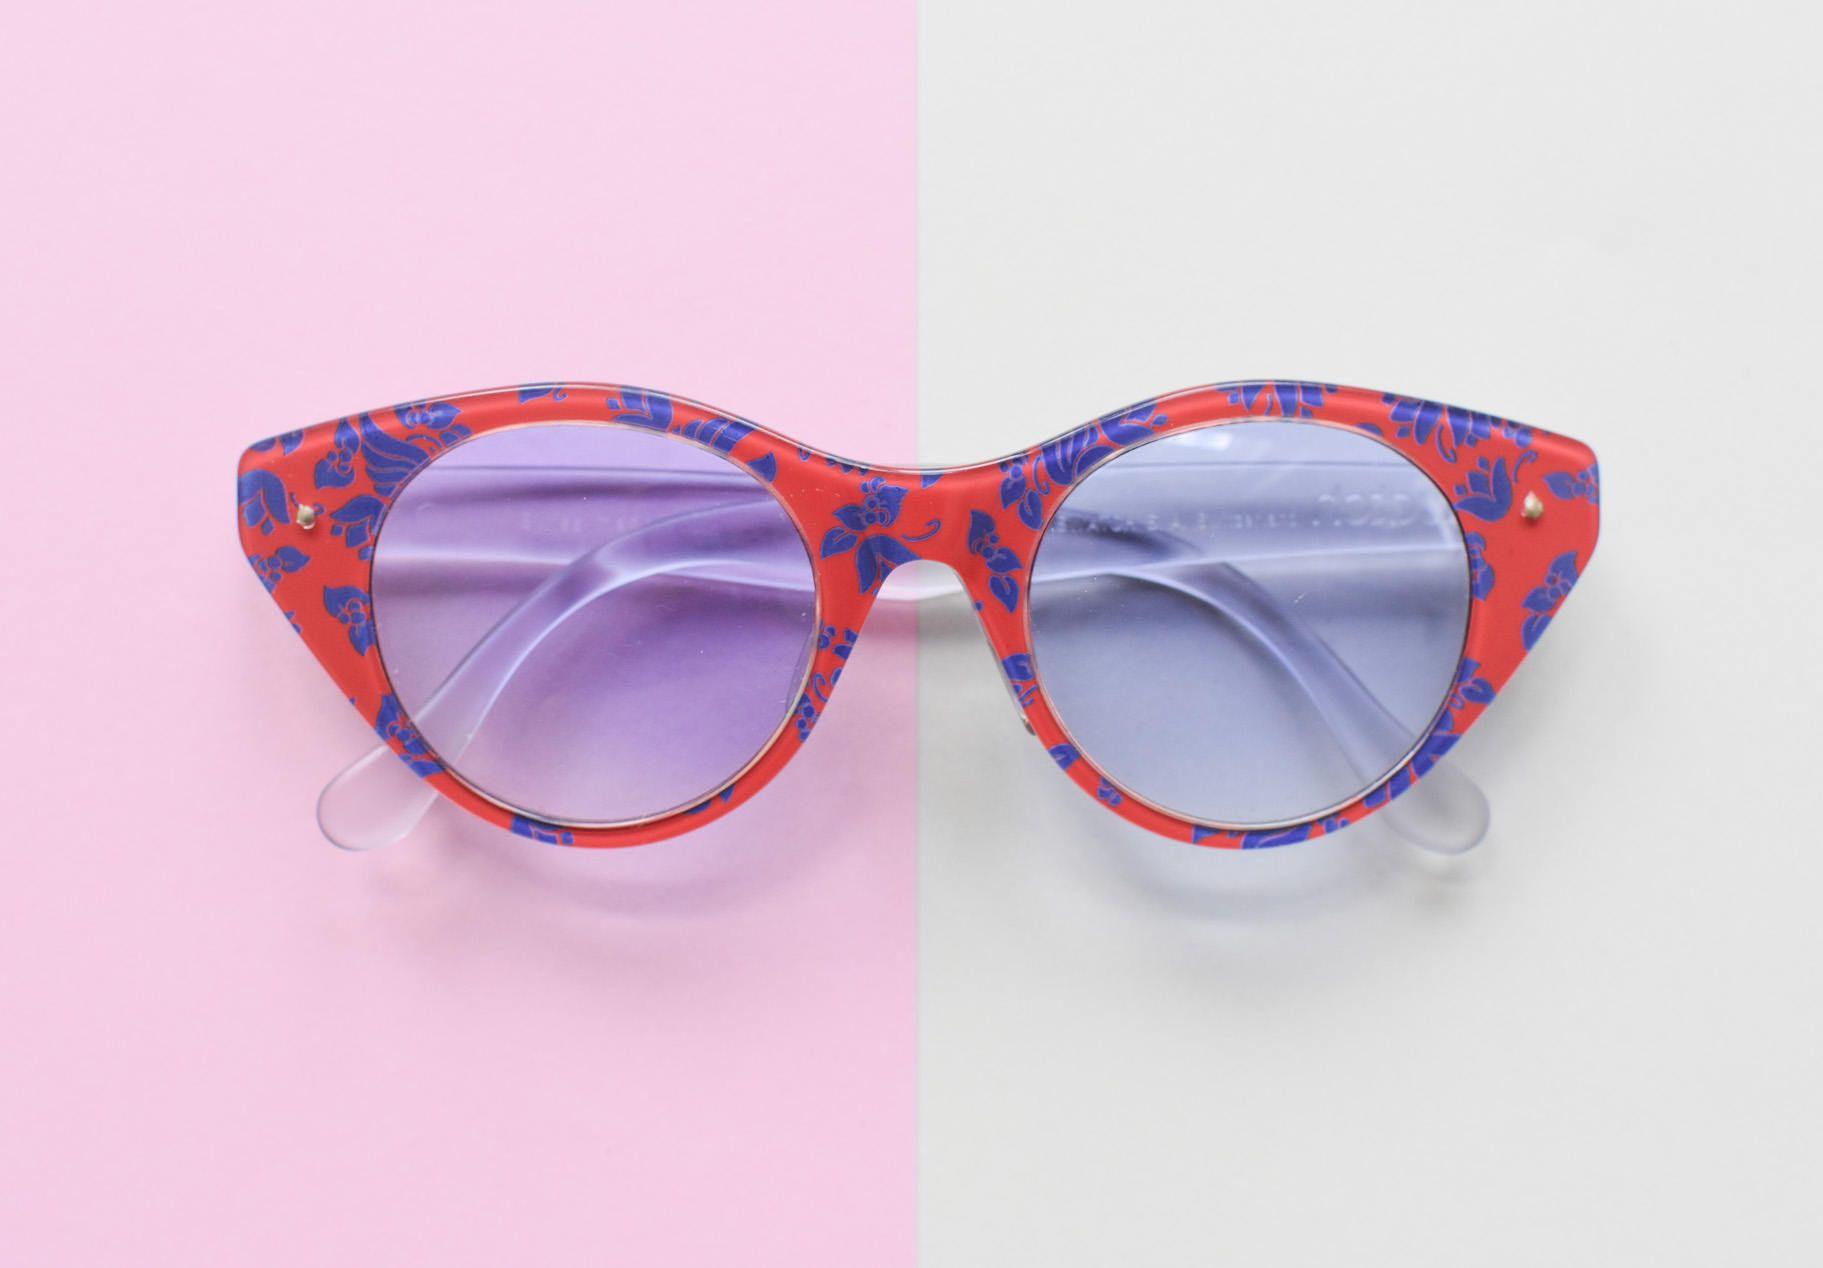 Swatch Katzenaugen Sonnenbrille, Brille mit Blumenmuster ...